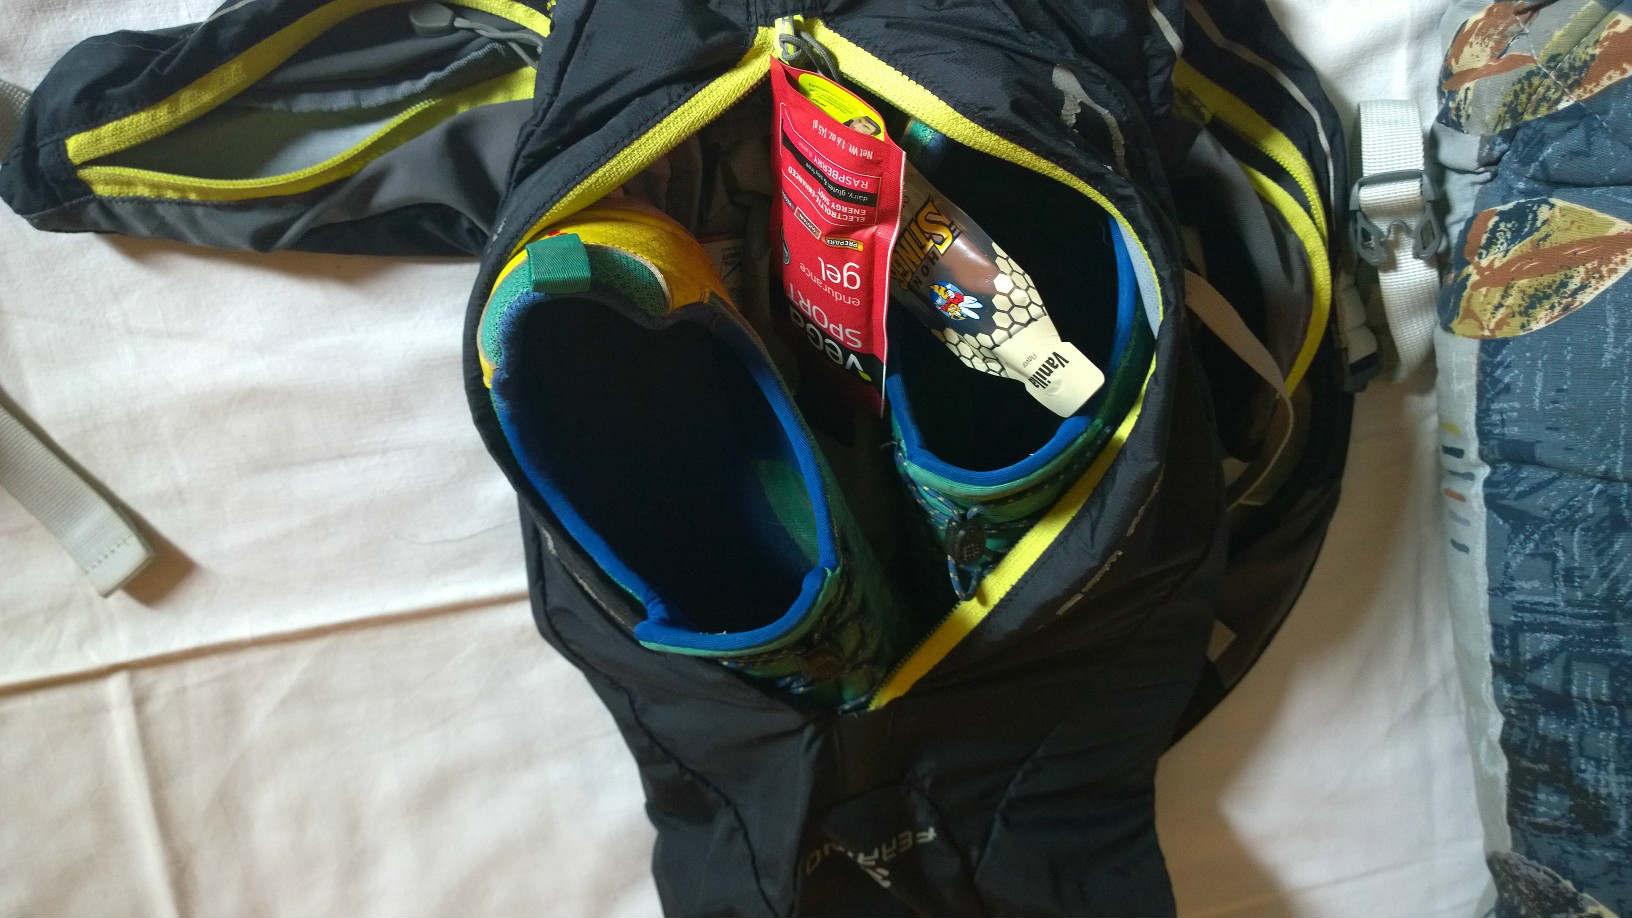 Bio energetický gel stinger pribalený do ruksaku na bežeckú časť